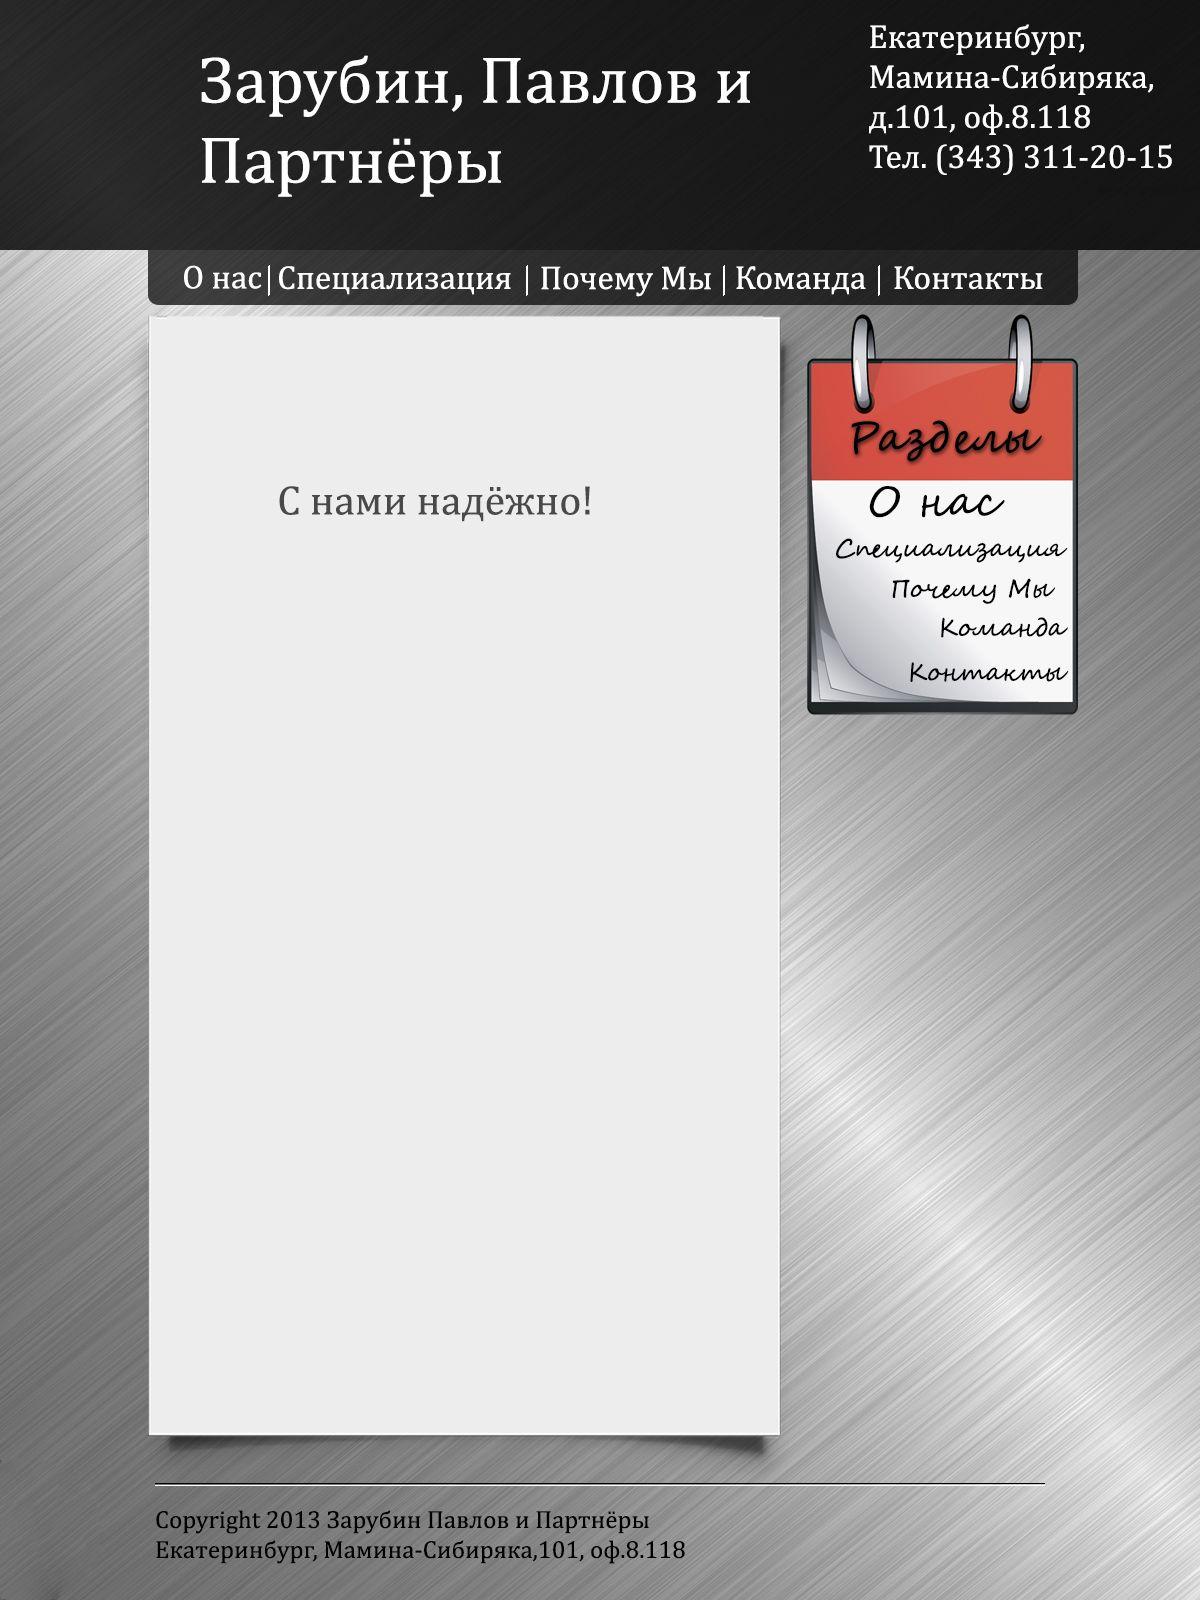 Дизайн сайта для адвокатского бюро. - дизайнер RekyuSen